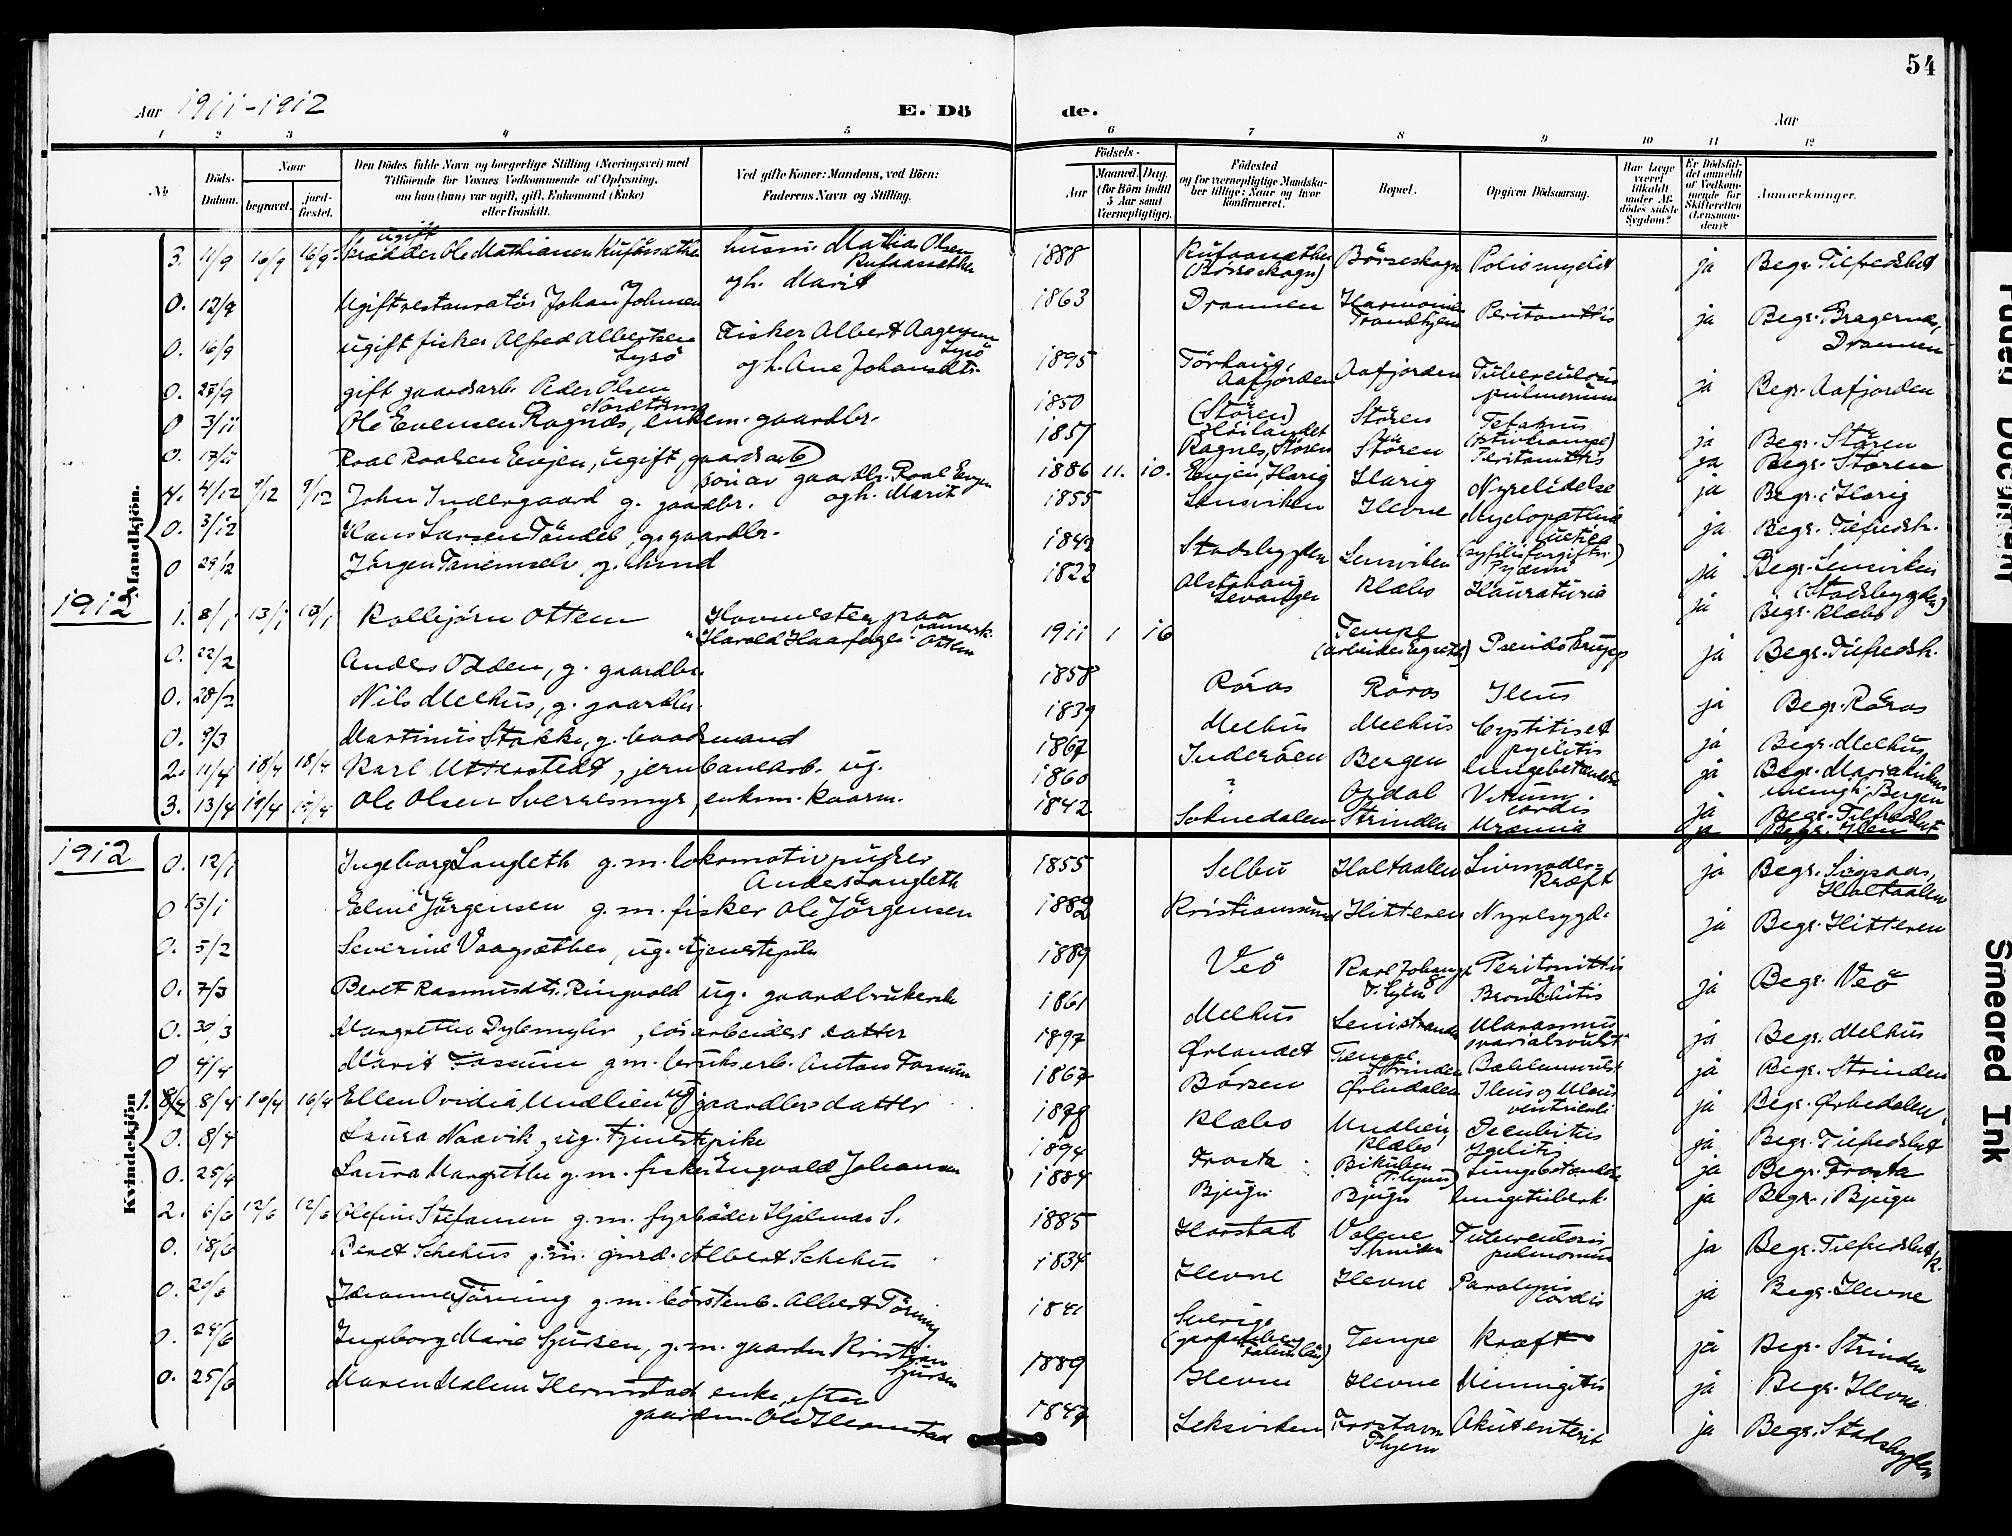 SAT, Ministerialprotokoller, klokkerbøker og fødselsregistre - Sør-Trøndelag, 628/L0483: Ministerialbok nr. 628A01, 1902-1920, s. 54